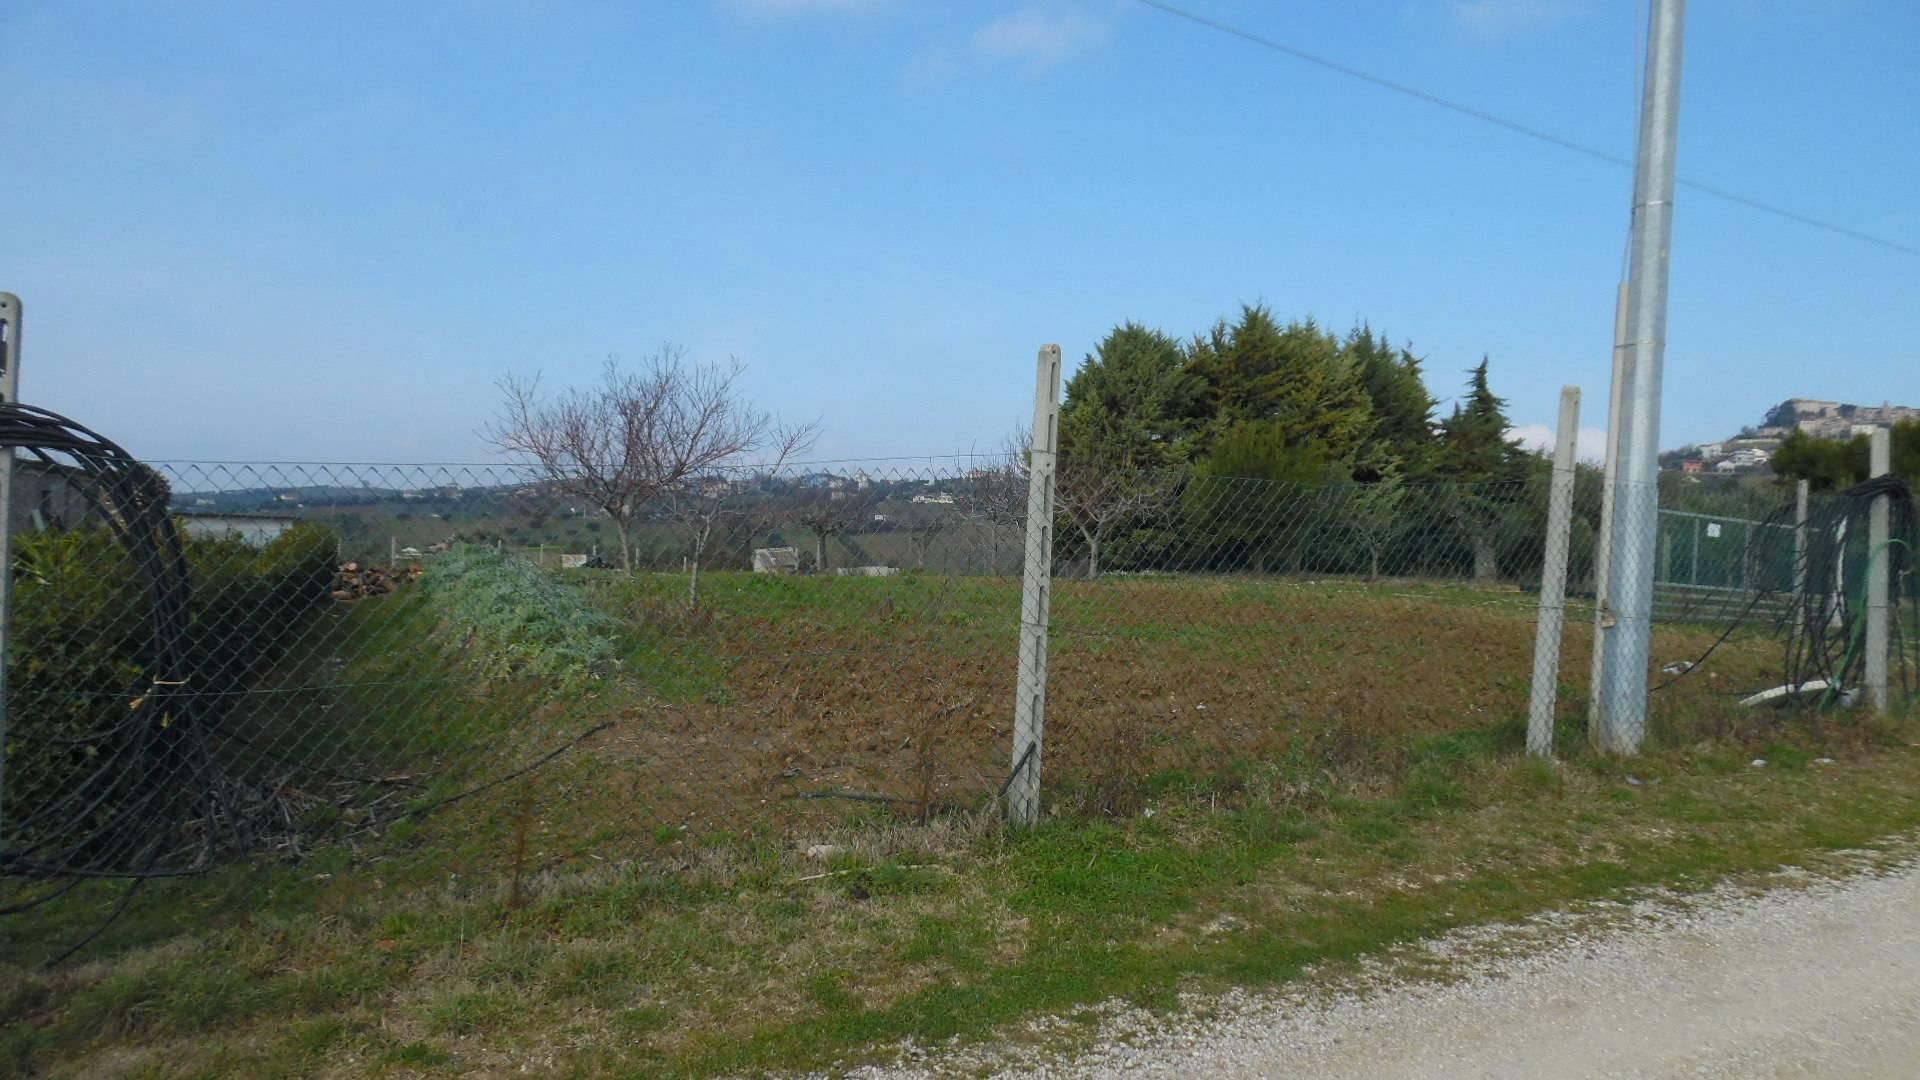 Terreno Edificabile Residenziale in vendita a Colonnella, 9999 locali, zona Località: ContradaRioMoro, prezzo € 50.000 | Cambio Casa.it